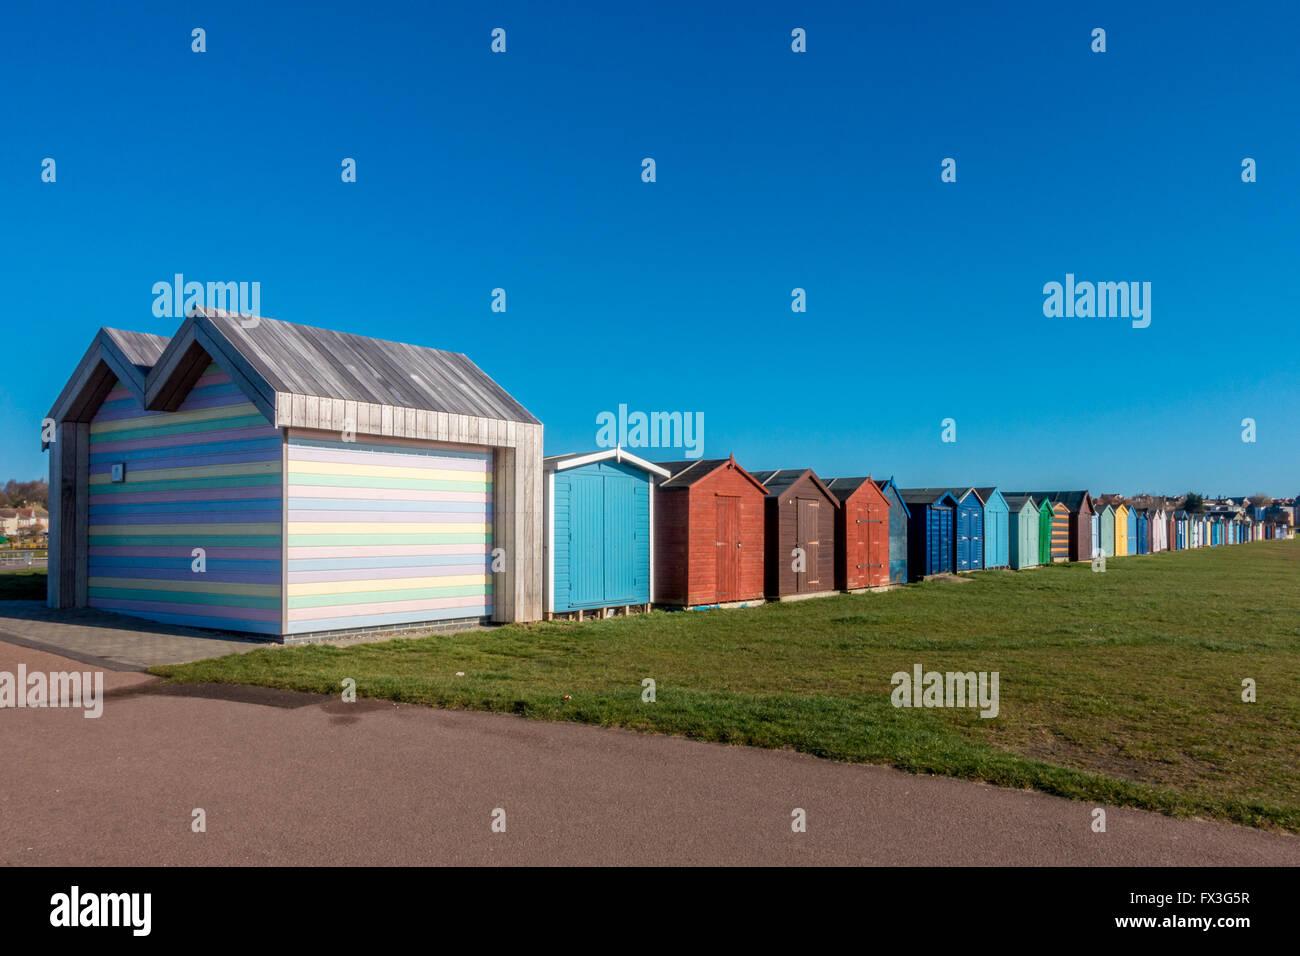 Zugänglich am Meer: Behinderung Strandhütte, Dovercourt Bay, Harwich, Essex, UK Stockbild